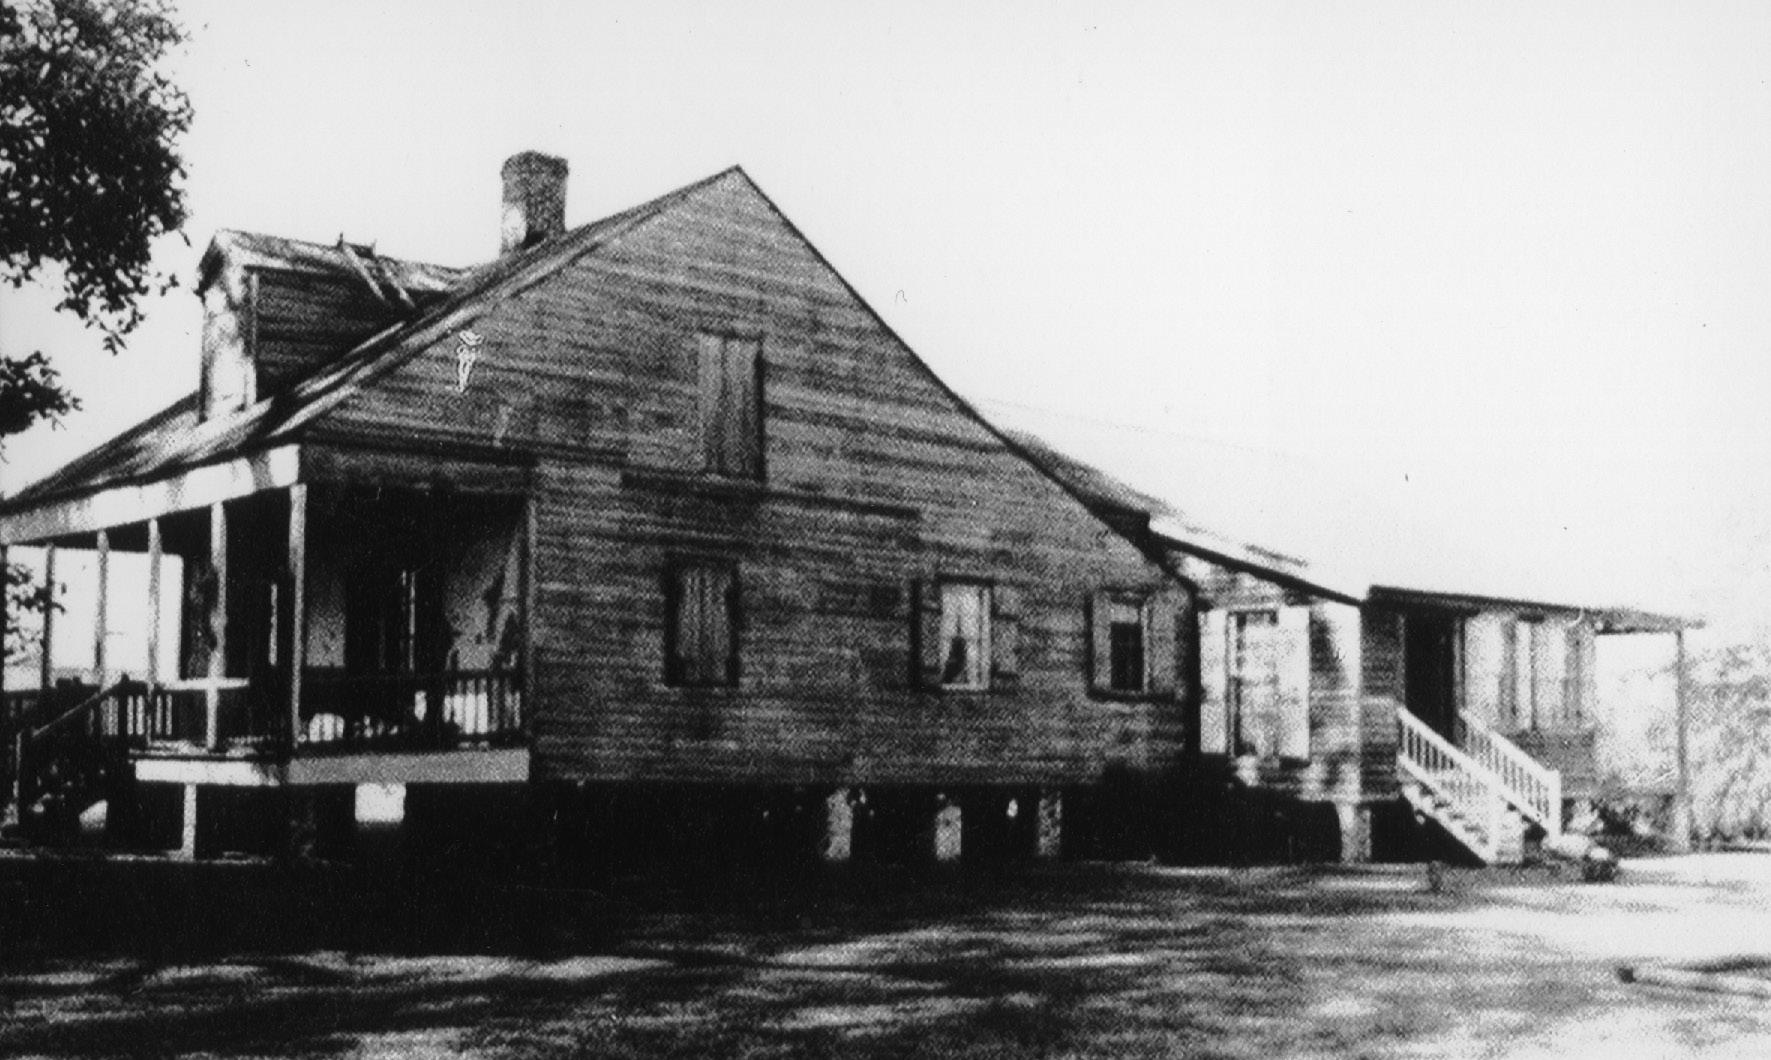 The Luke Troxler House